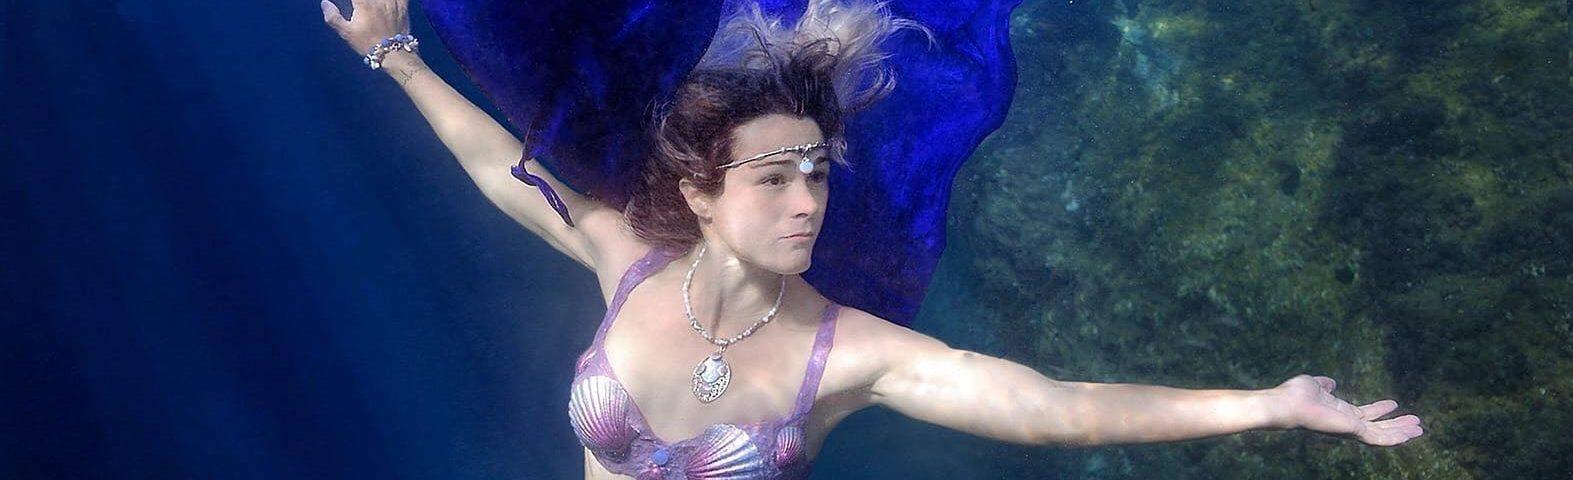 Sara-Lacorte-Cosplayer-Crisia-5